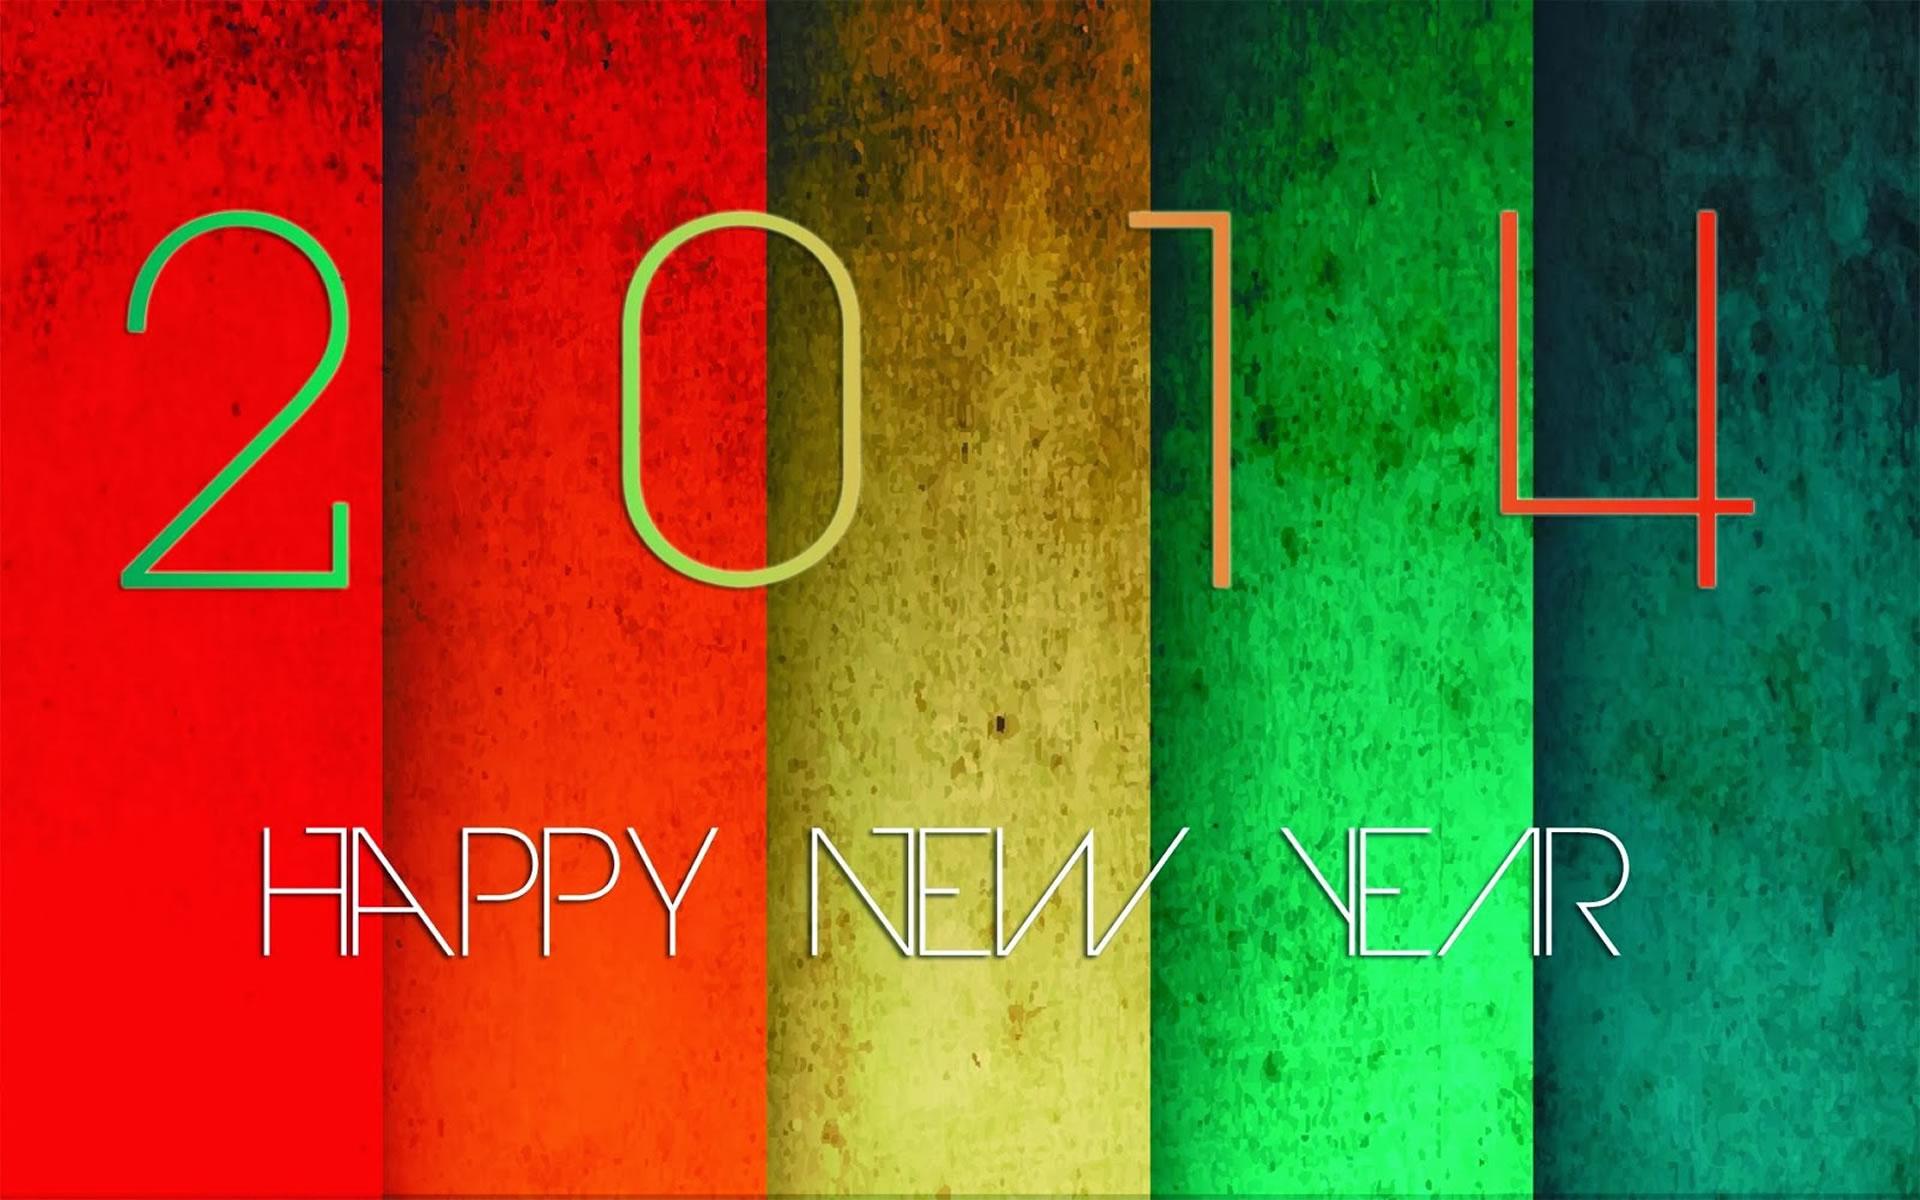 Wallpaper Felicitación Año Nuevo 2014.